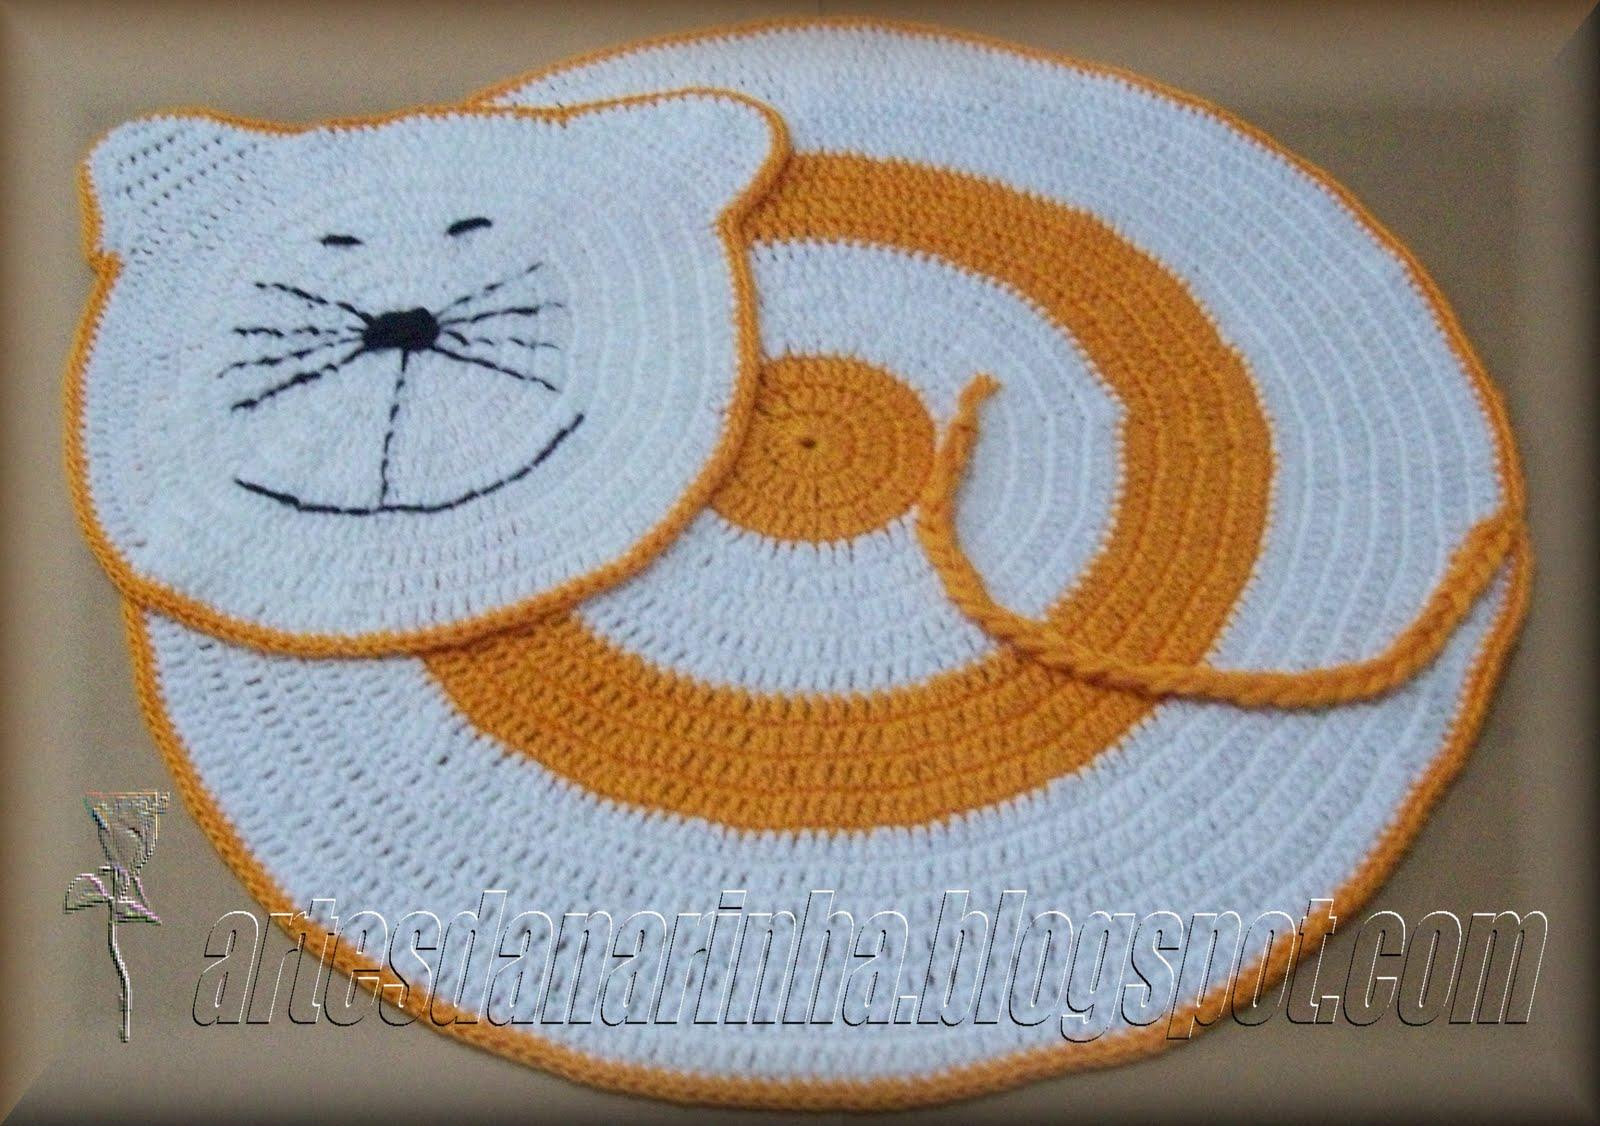 http://artesdanarinha.blogspot.com/2010/10/tapete gato em crochet.html #A66725 1600 1126